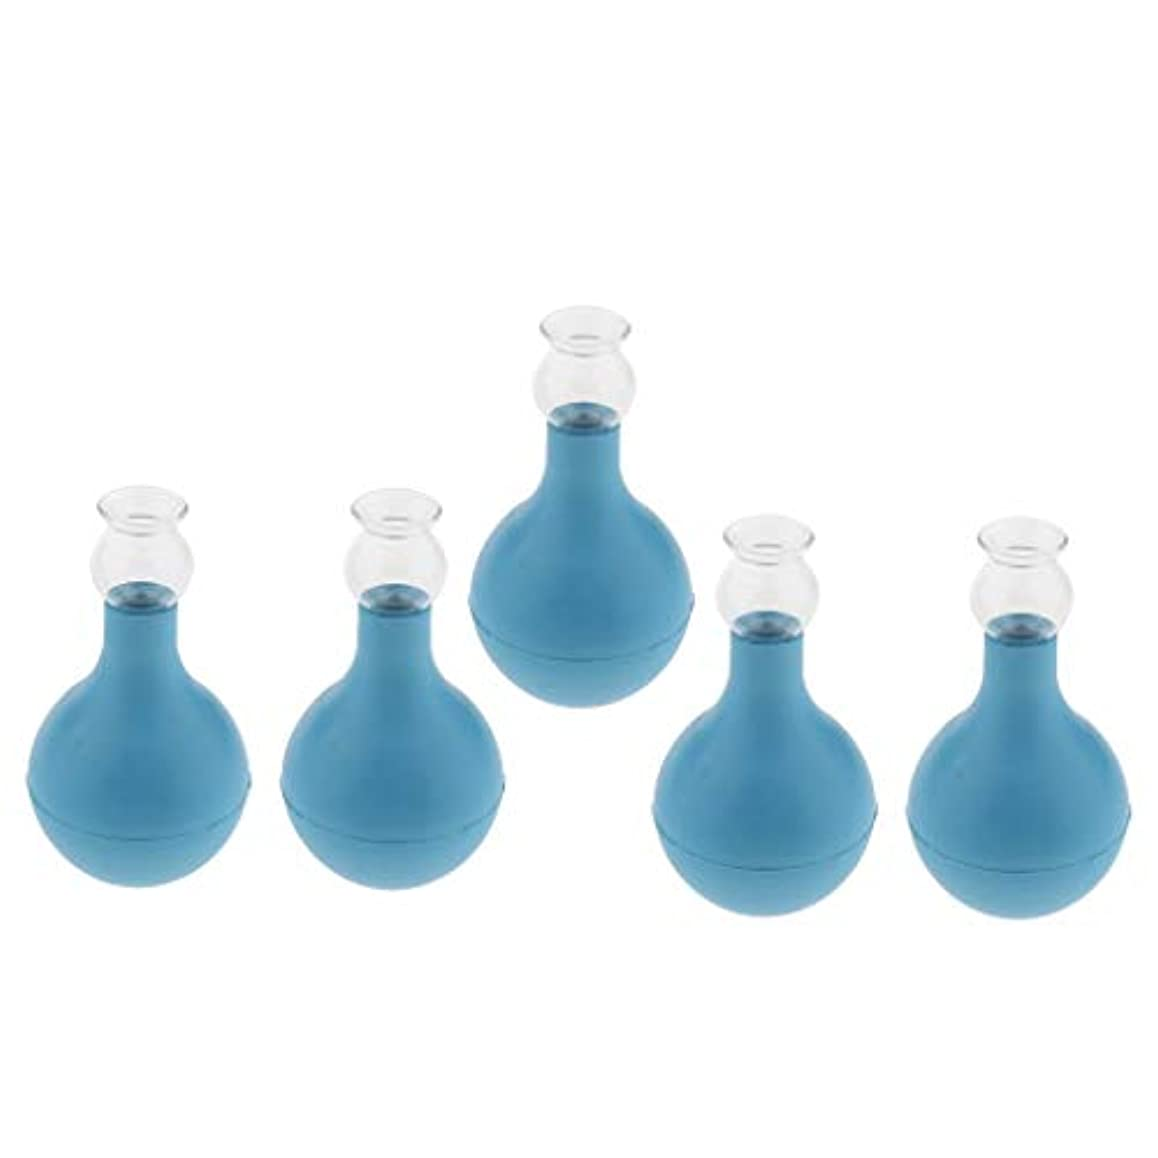 ローラープロフェッショナルマッサージ5個 セルライト対策 カッピング ガラス/シリコン マッサージ吸い玉 使いやすい 腫脹緩和 2種選ぶ - ブルー+ブルー2cm, 2cm